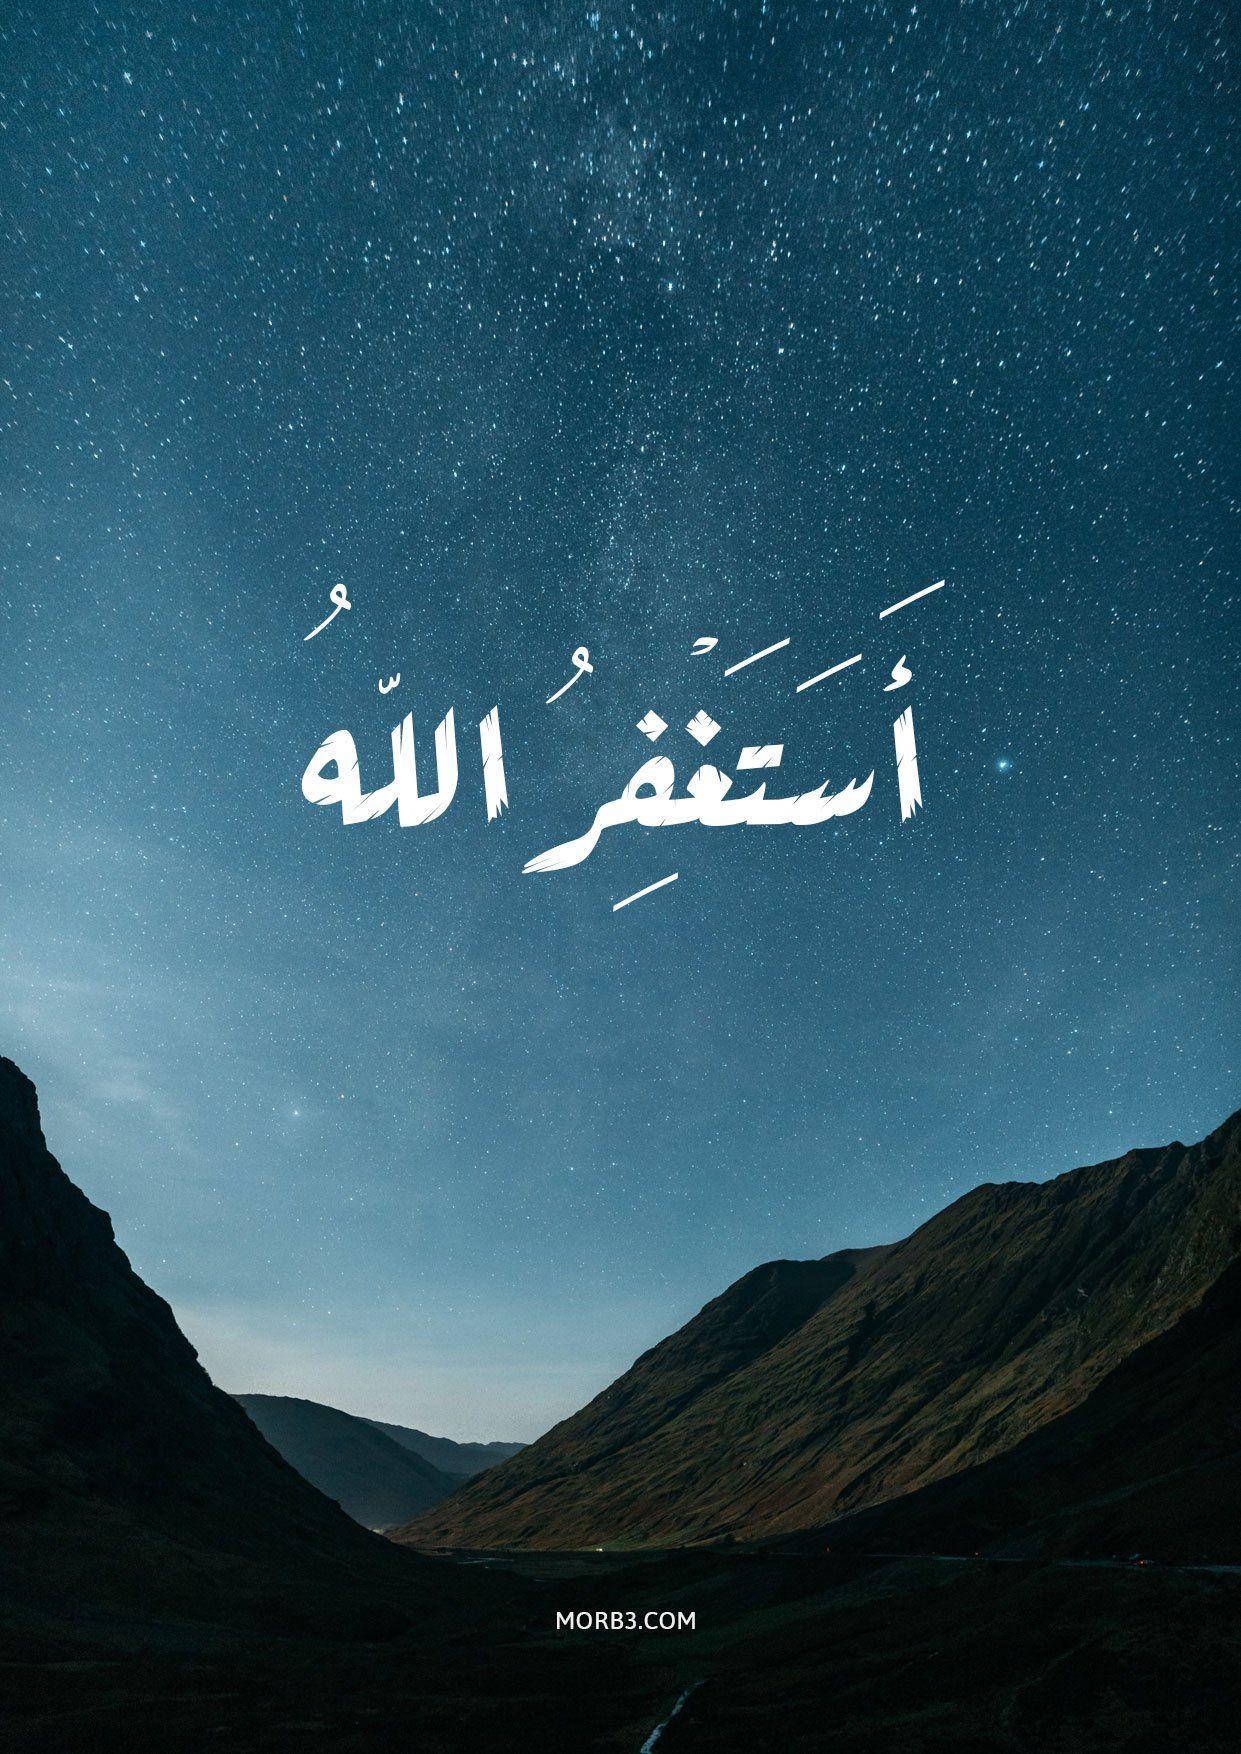 صور خلفيات اسلامية دينية للموبايل ايفون صور مكتوب عليها عبارات دينية Hd 2020 استغفر الله Natural Landmarks Nature Landmarks